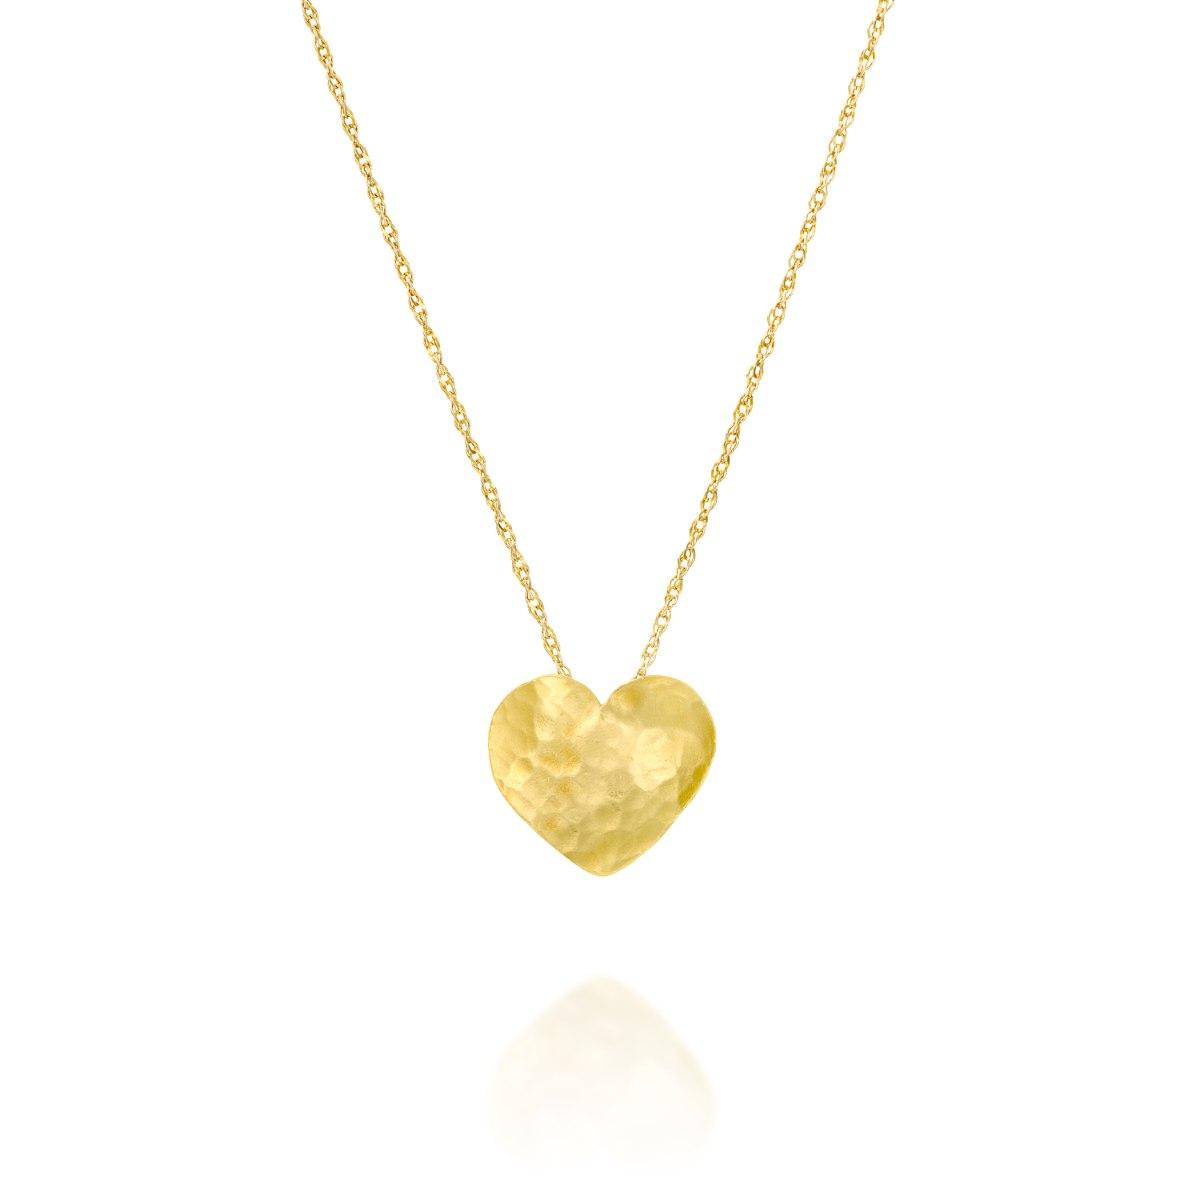 שרשרת זהב 14 קרט עם תליון לב זהב טהור נועה טריפ Noa tripp